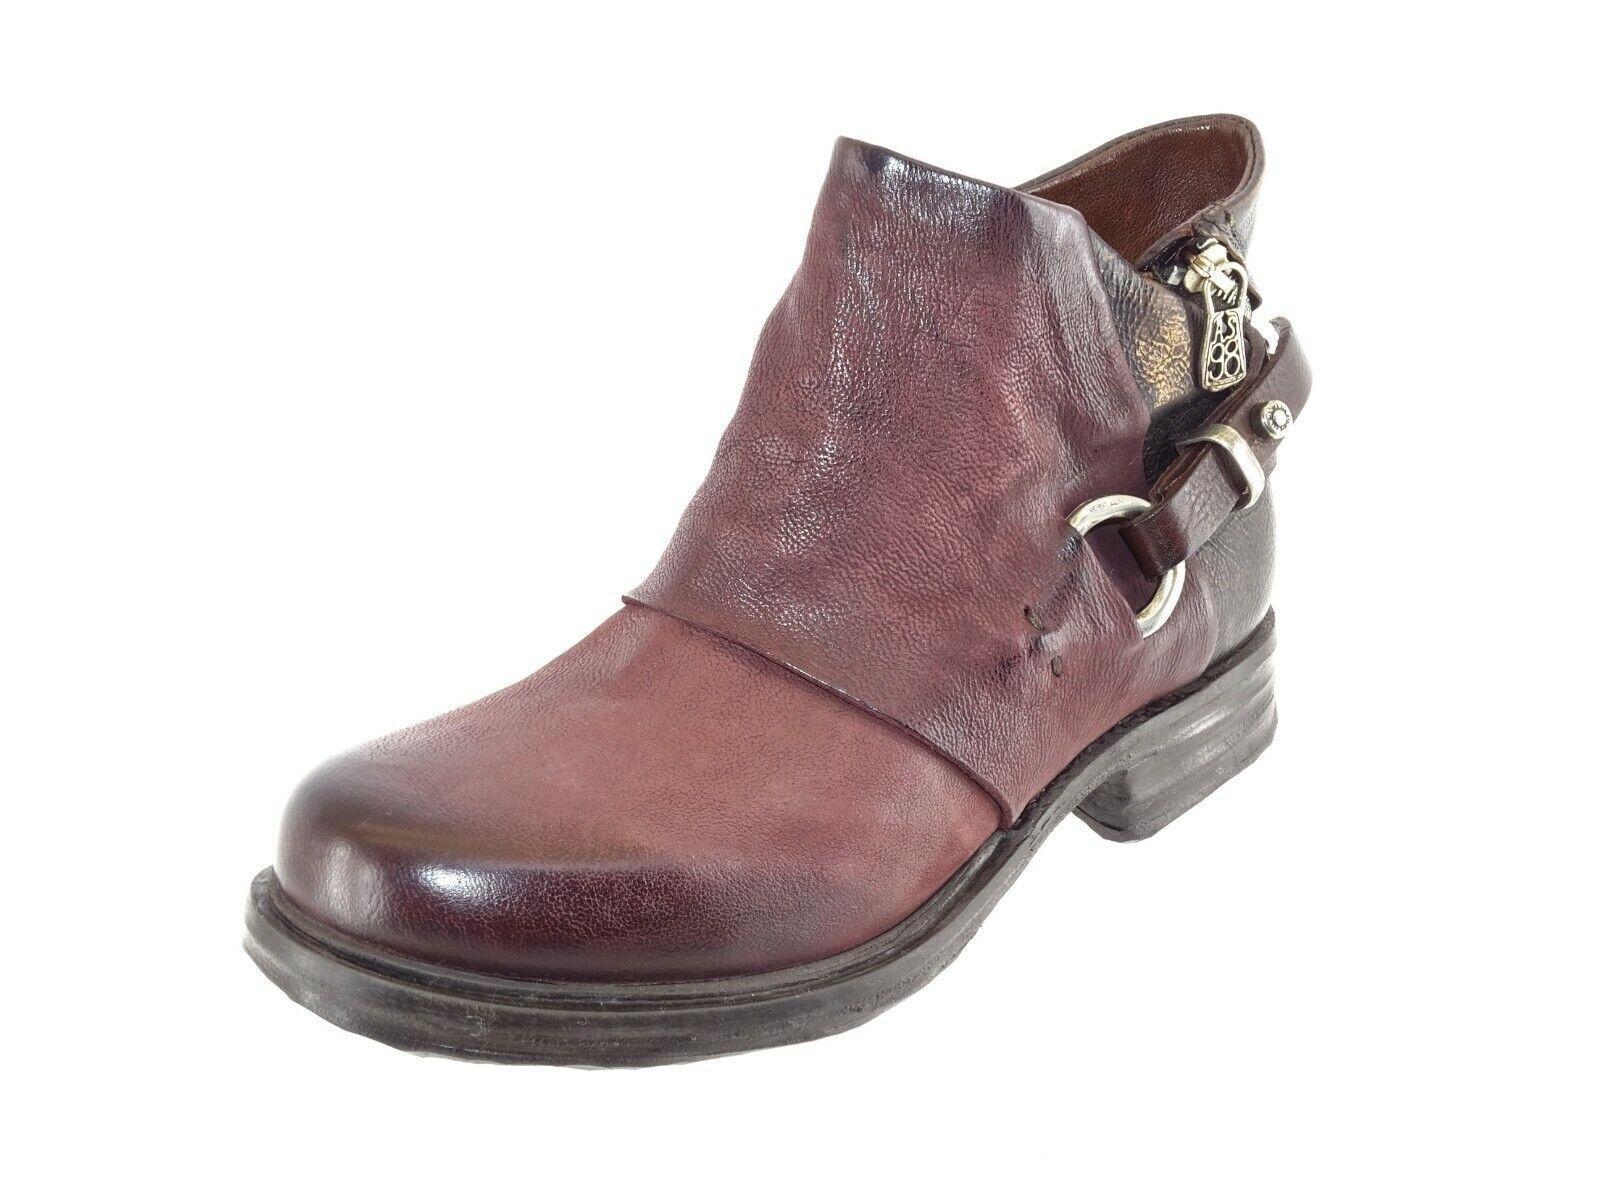 A.S.98 Damen Stiefel Biker Stiefel Used Look Bordeaux Leder